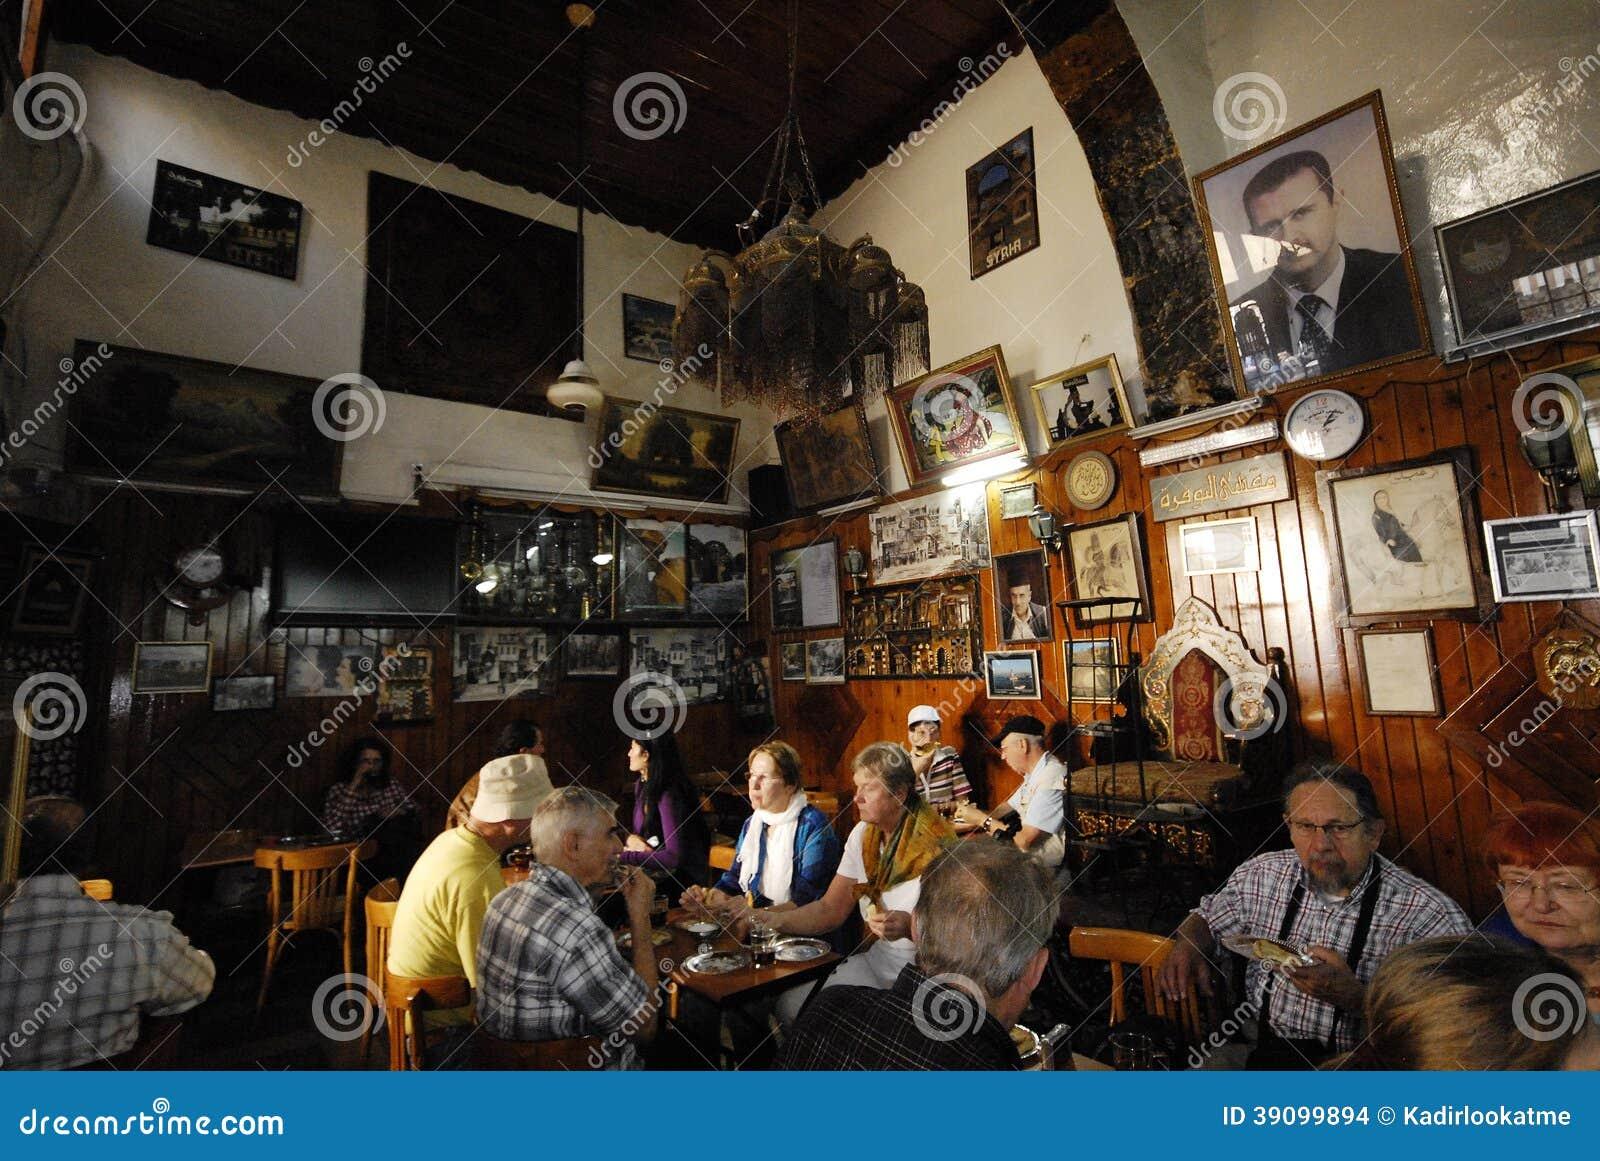 Maison de thé et boutique de tabac à Damas